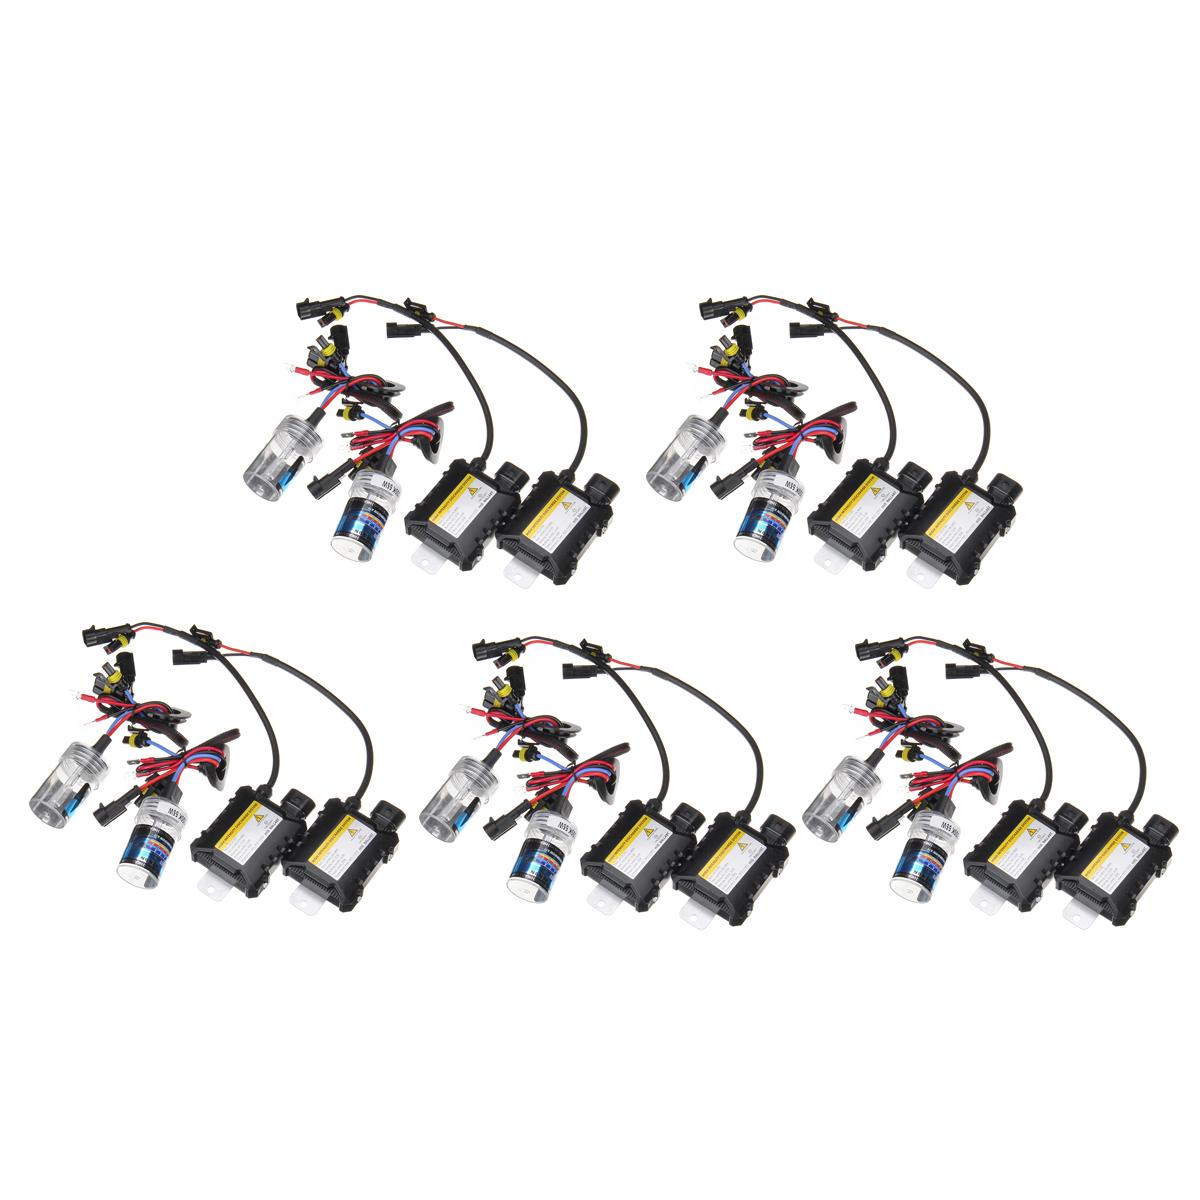 Pair H7 55w Hid Xenon Car Headlights Fog Lamps Bulbs